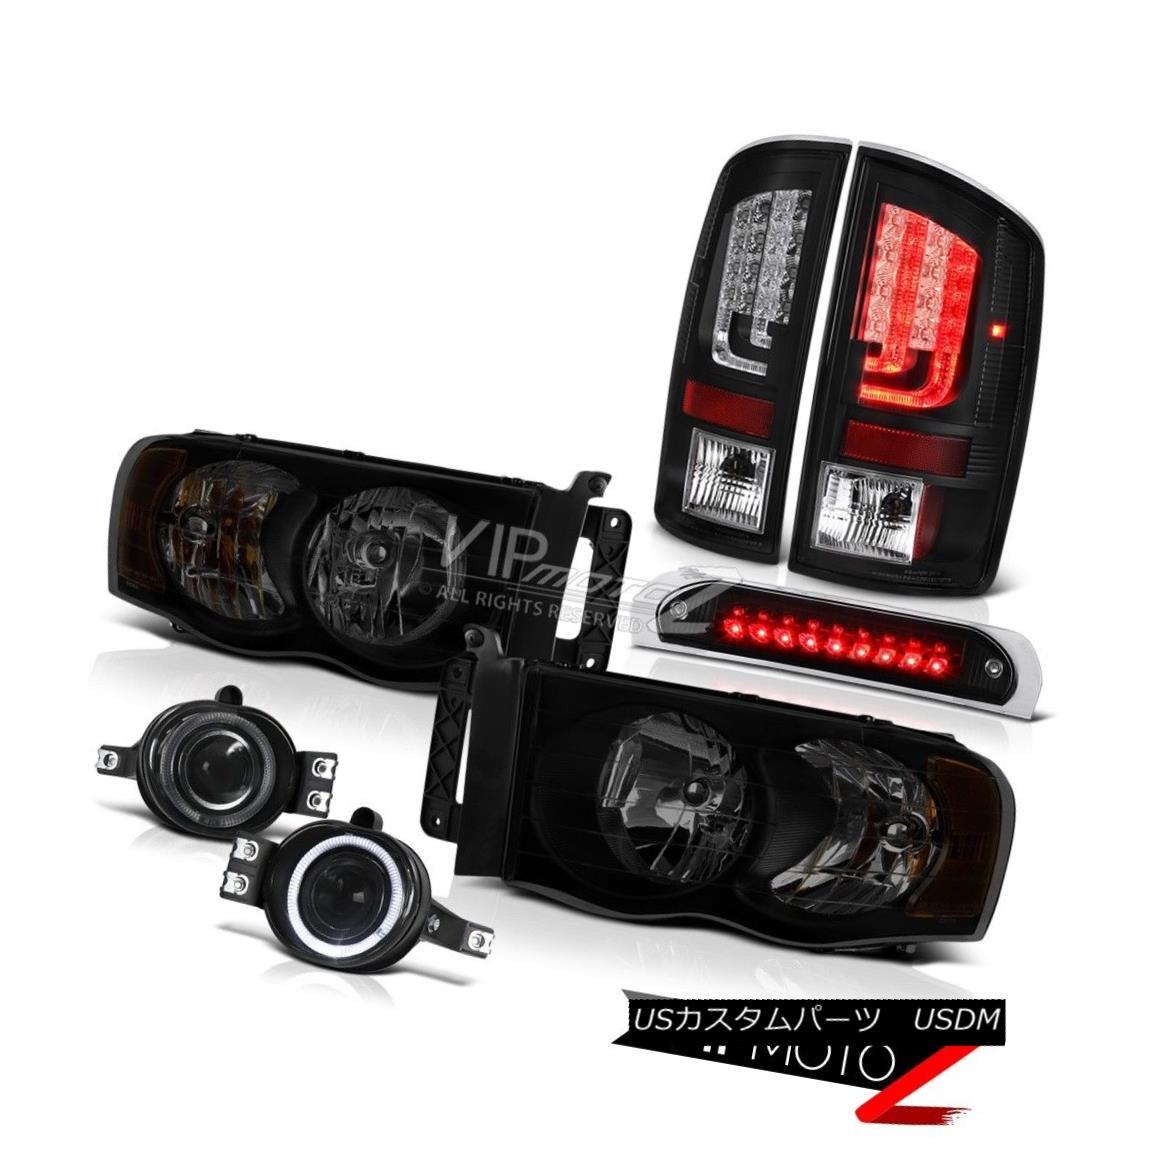 テールライト 2003-2005 Dodge Ram 1500 3.7L Tail Lamps Roof Cab Lamp Headlamps Fog Replacement 2003-2005ダッジラム1500 3.7Lテールランプルーフキャブランプヘッドランプフォグ交換